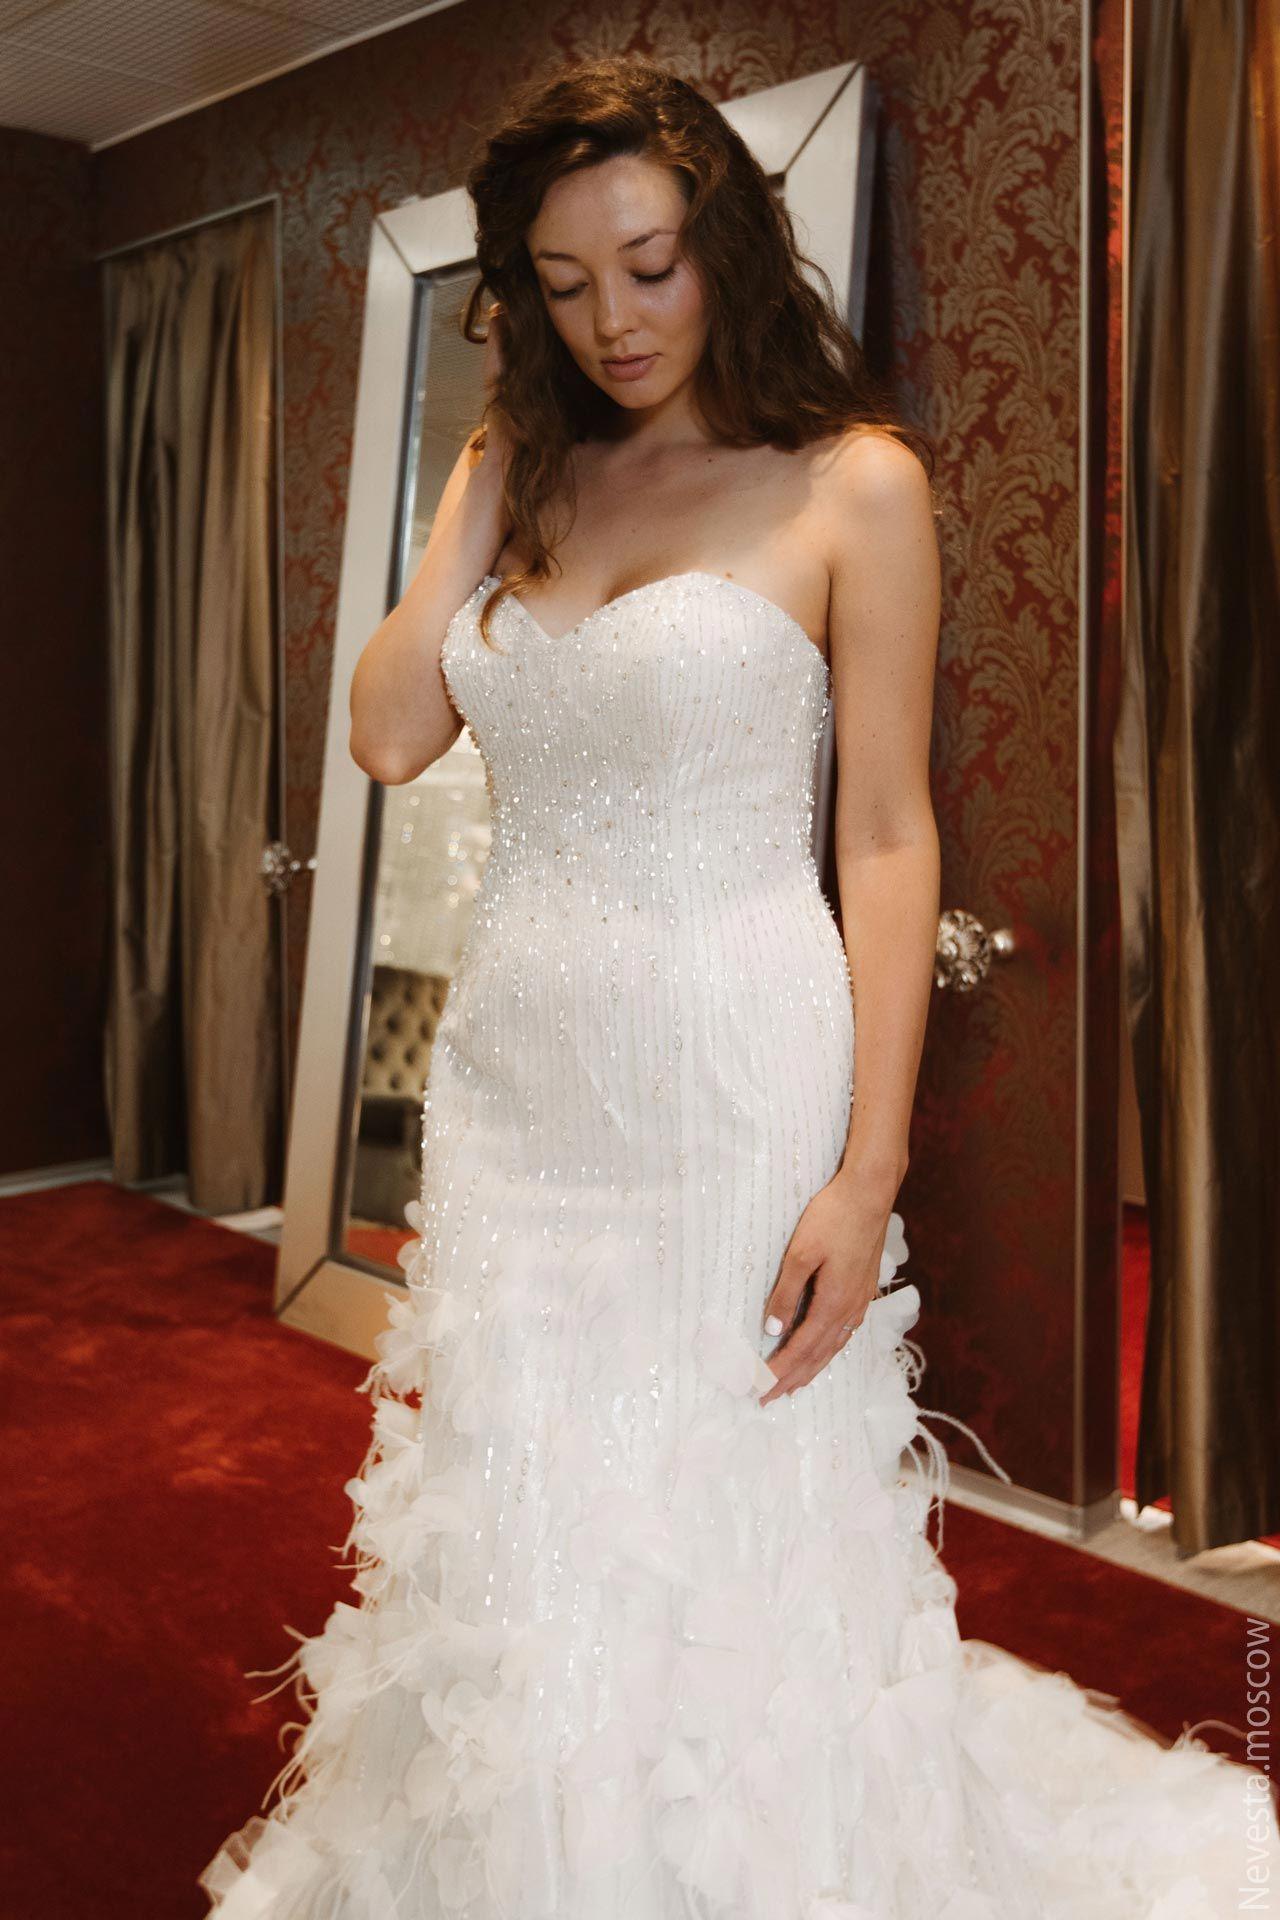 Рената Байкова примеряет свадебное платье фото 2